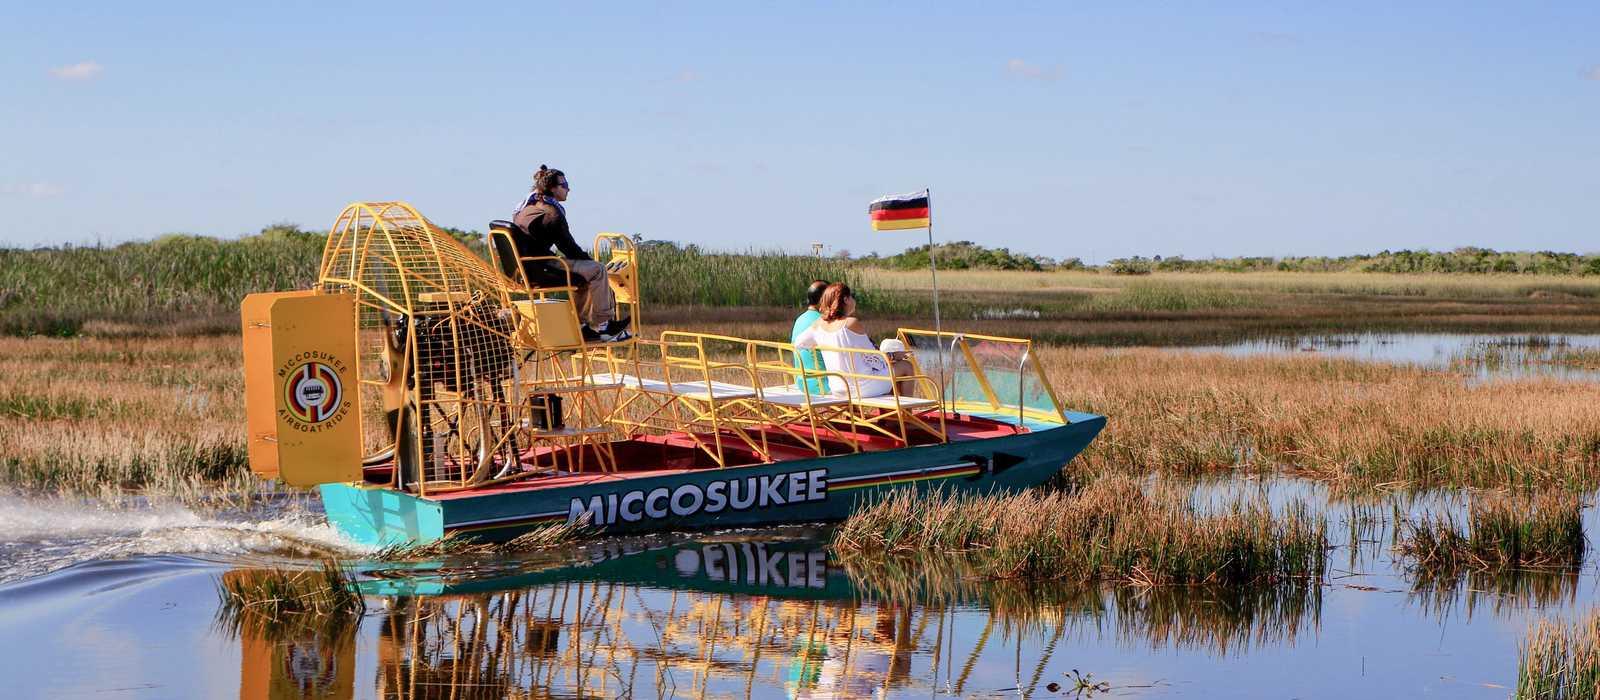 Eine Bootstour mit Miccosukee Indian Village Airboat Rides im Everglades-Nationalpark in Florida